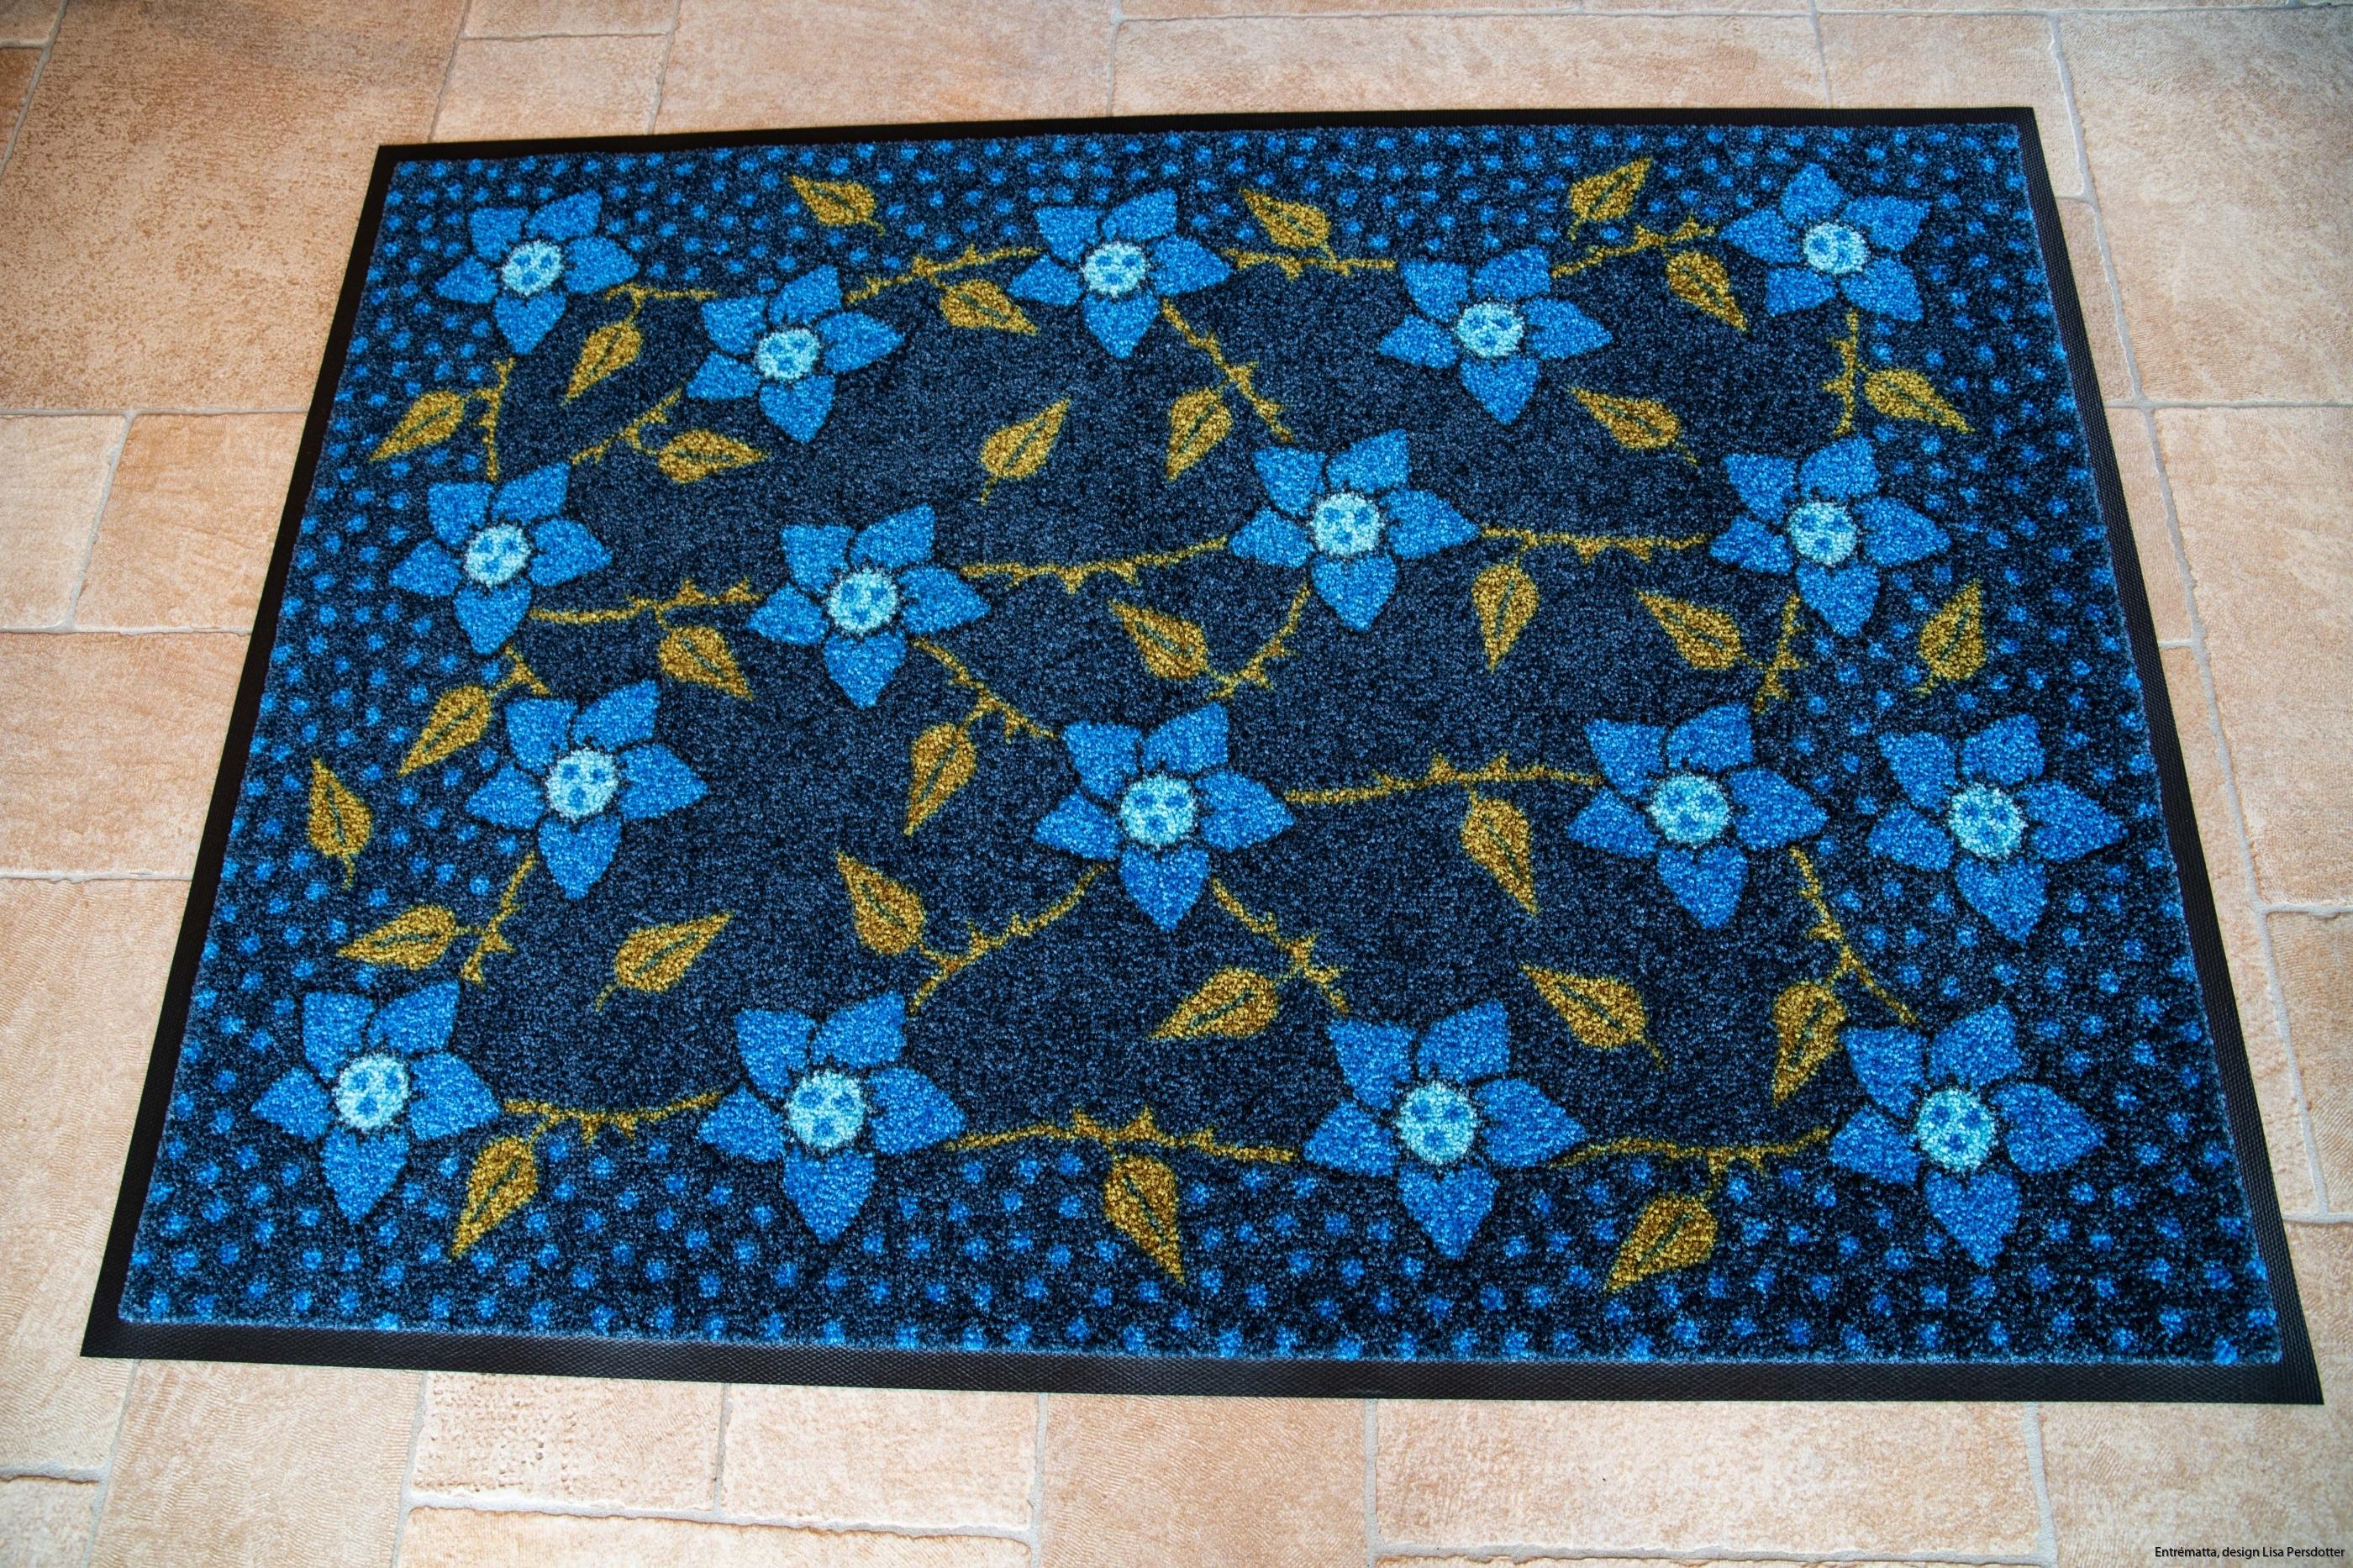 Blommor blå entrematta design maskintvätt 60